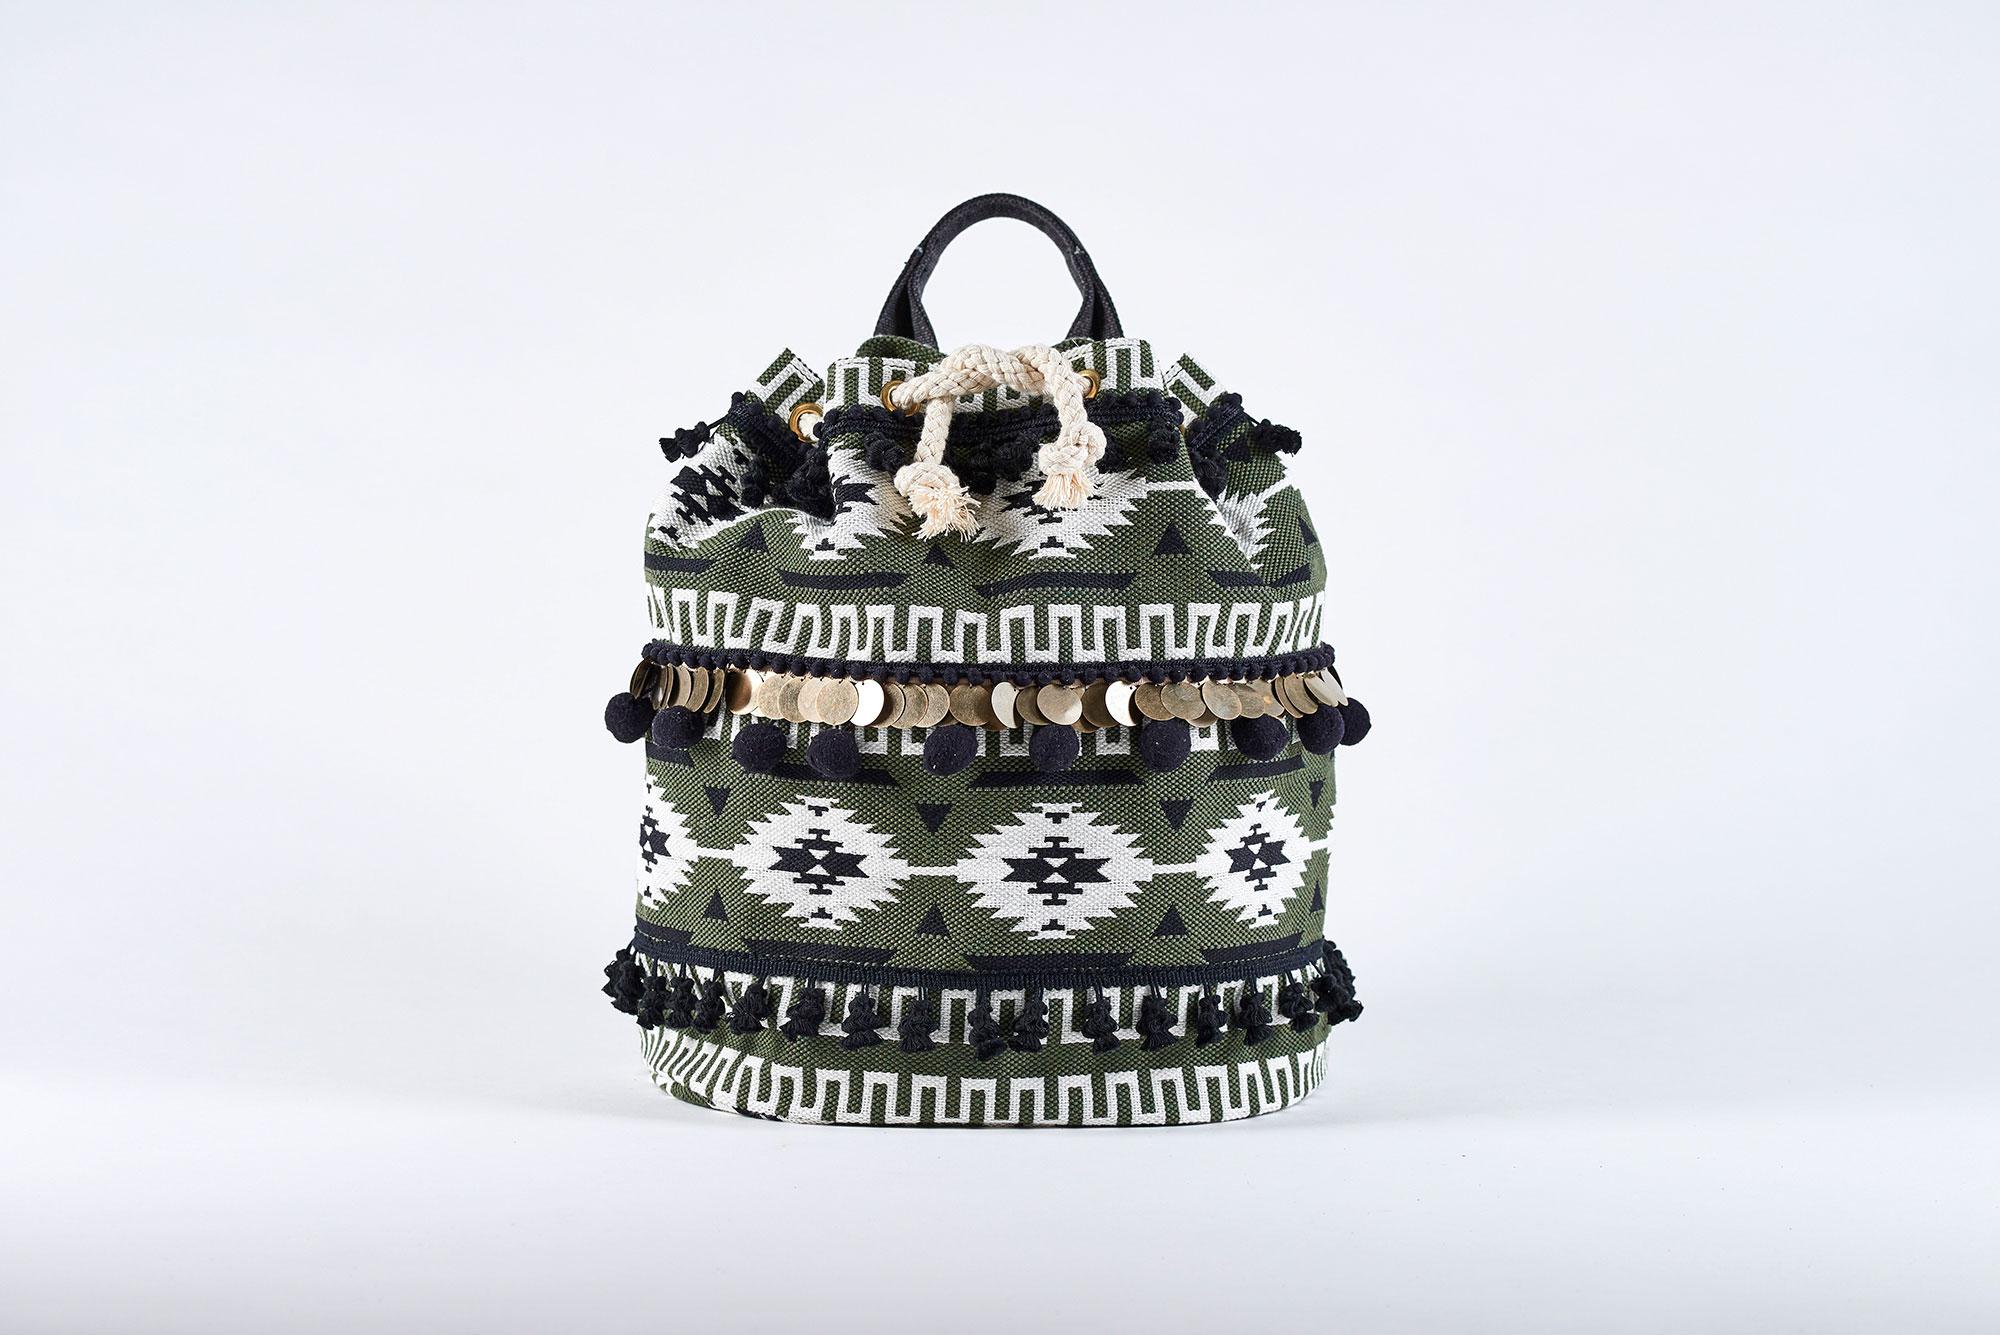 Sac-Mexico-M01-viamailbag-